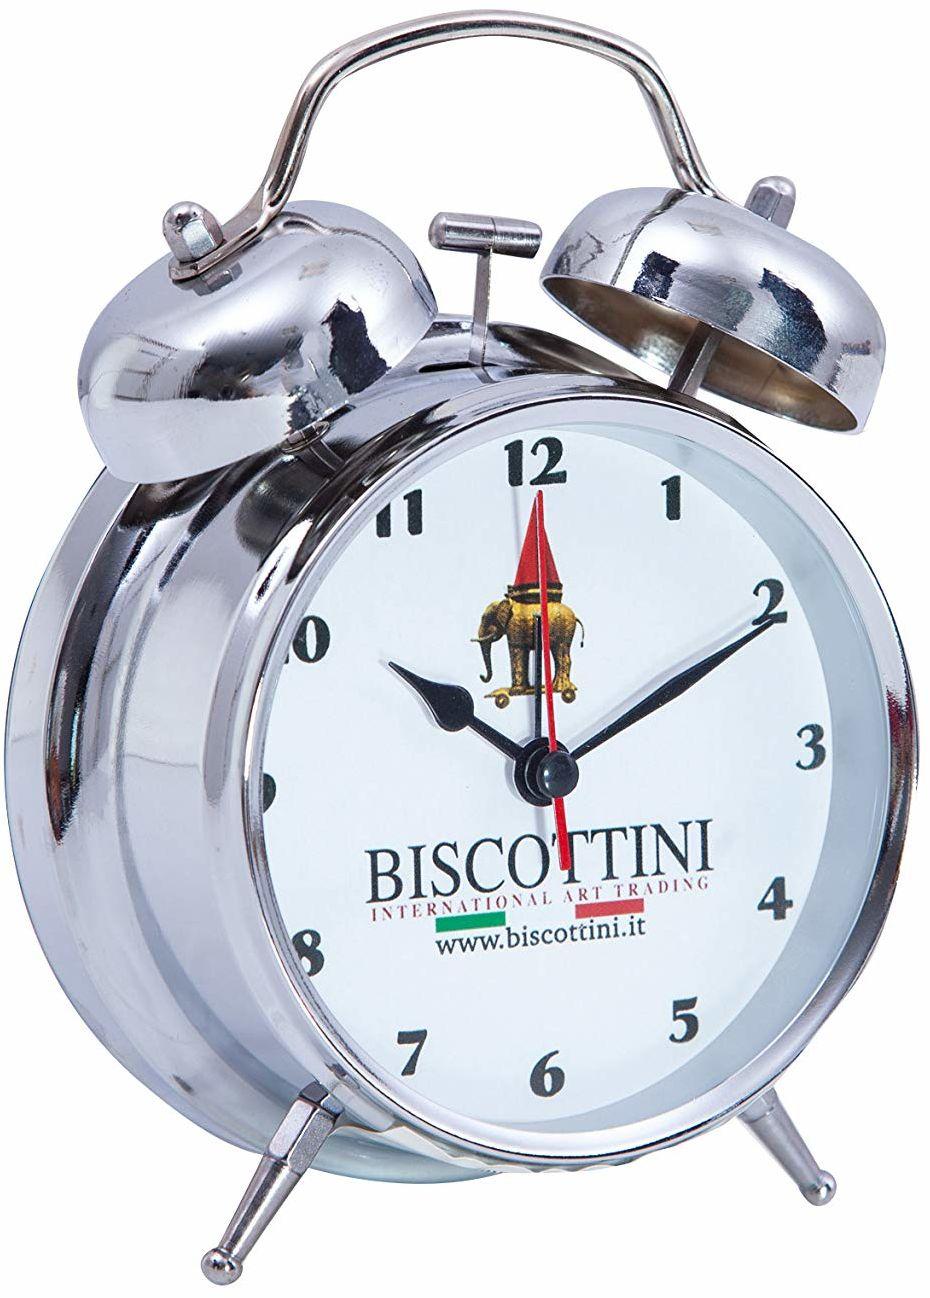 Biscottini budzik w stylu vintage z podwójnym dzwonkiem, dł. 10 x gł. 10 x wys. 15 cm